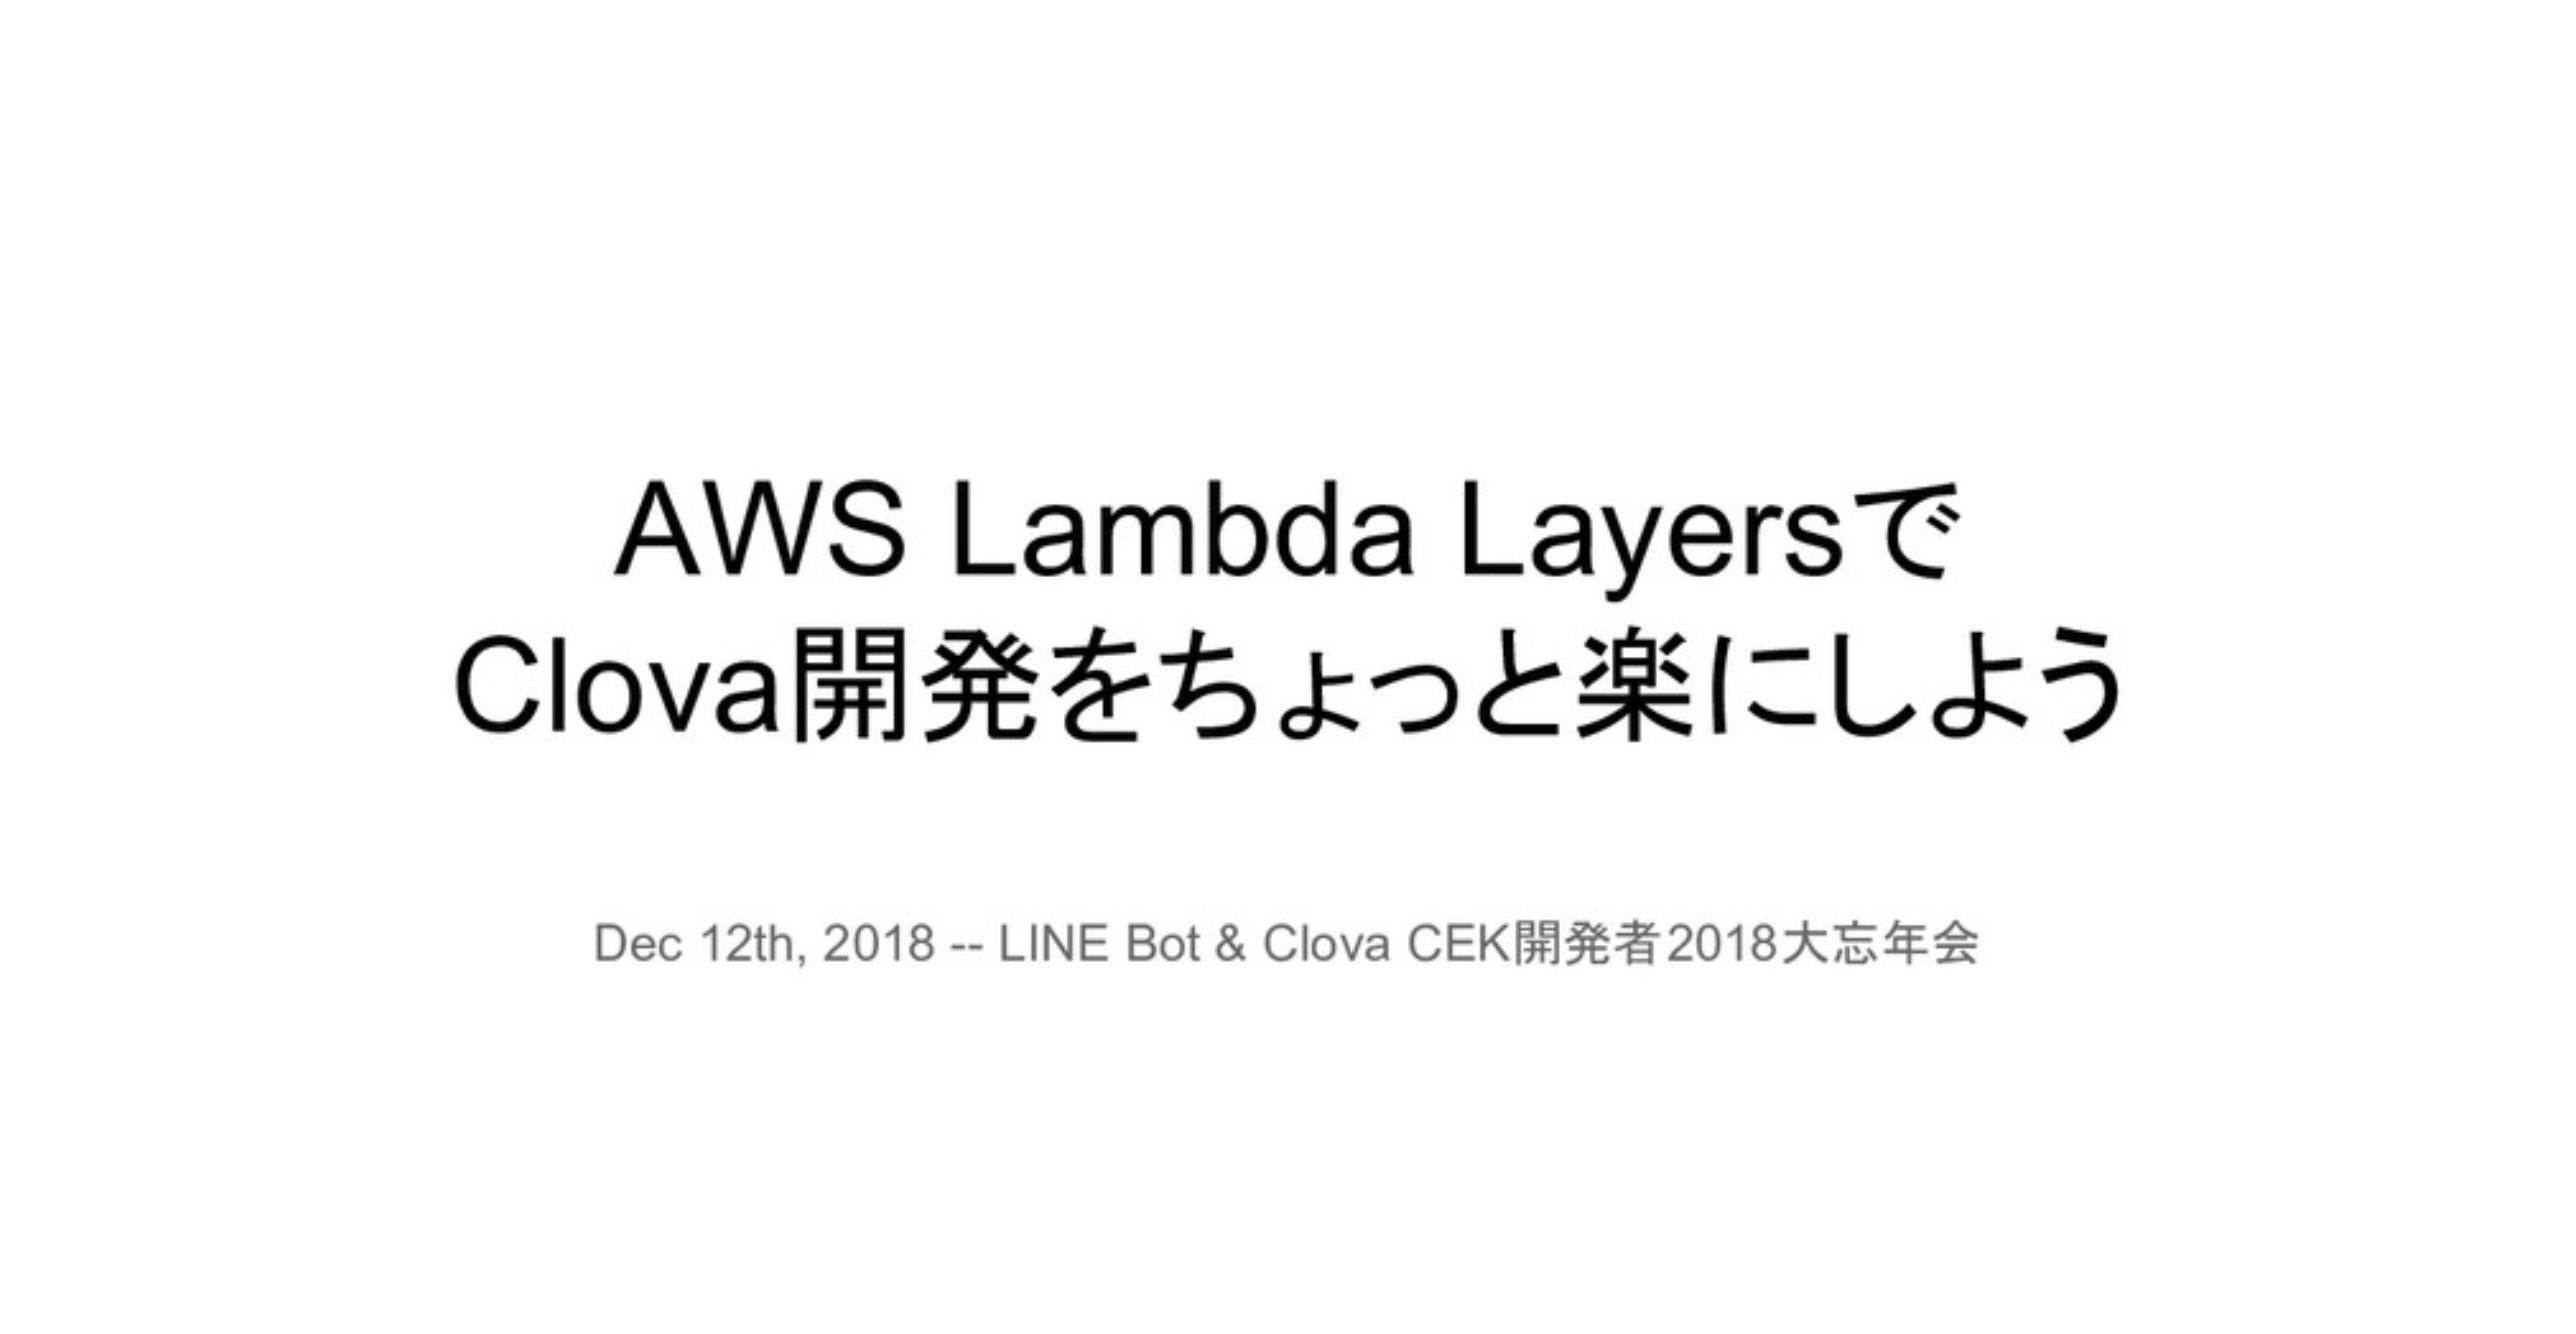 AWS Lambda Layers